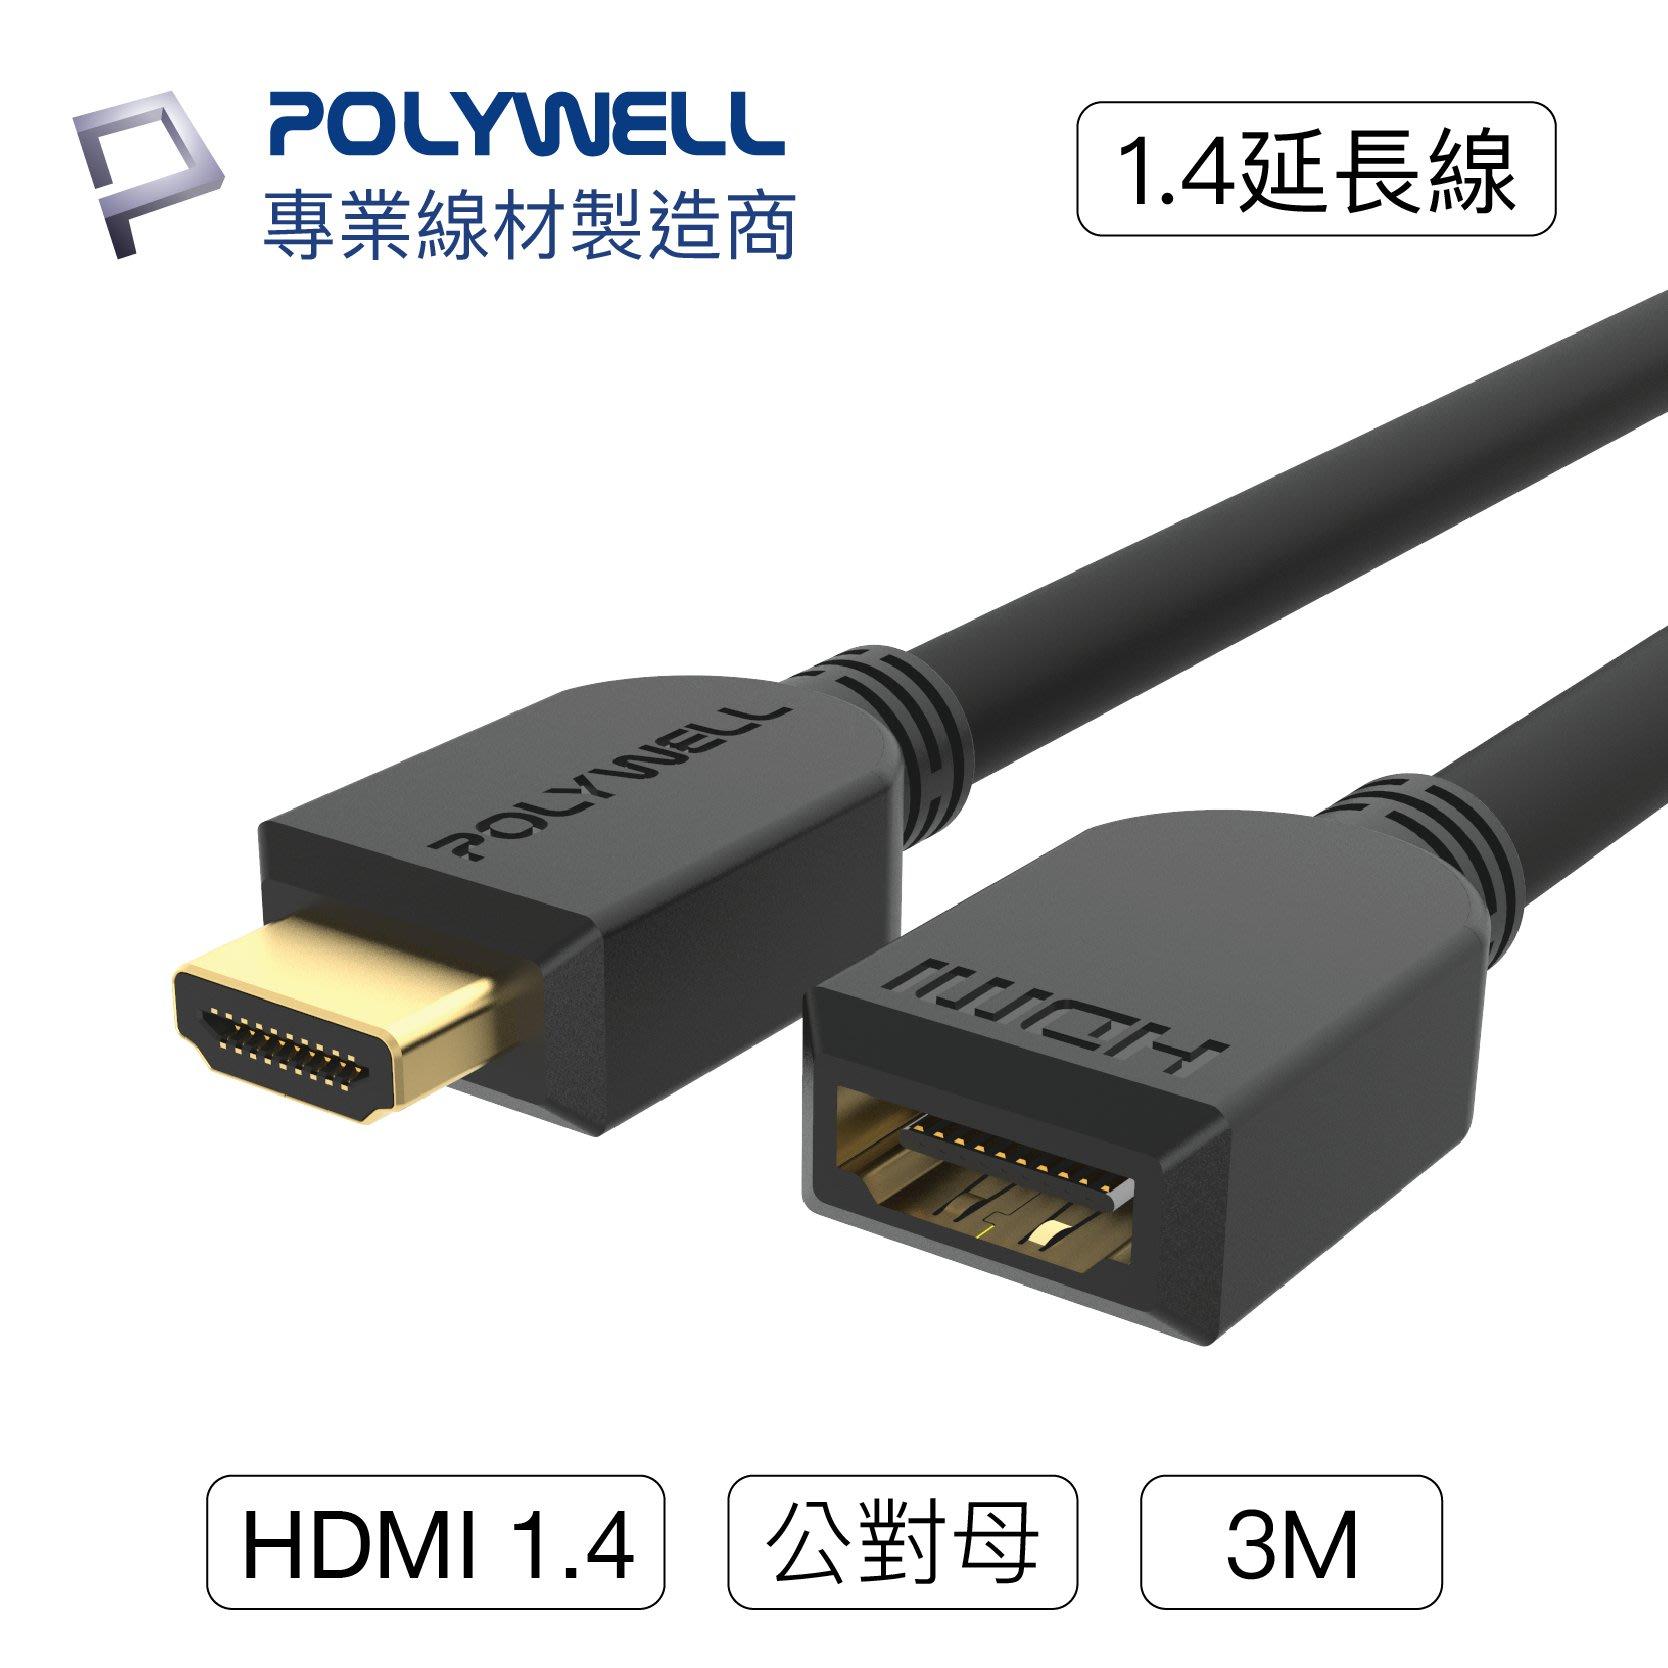 (現貨) 寶利威爾 HDMI延長線 1.4版 公對母 3米 4K 30Hz HDMI 工程線 POLYWELL